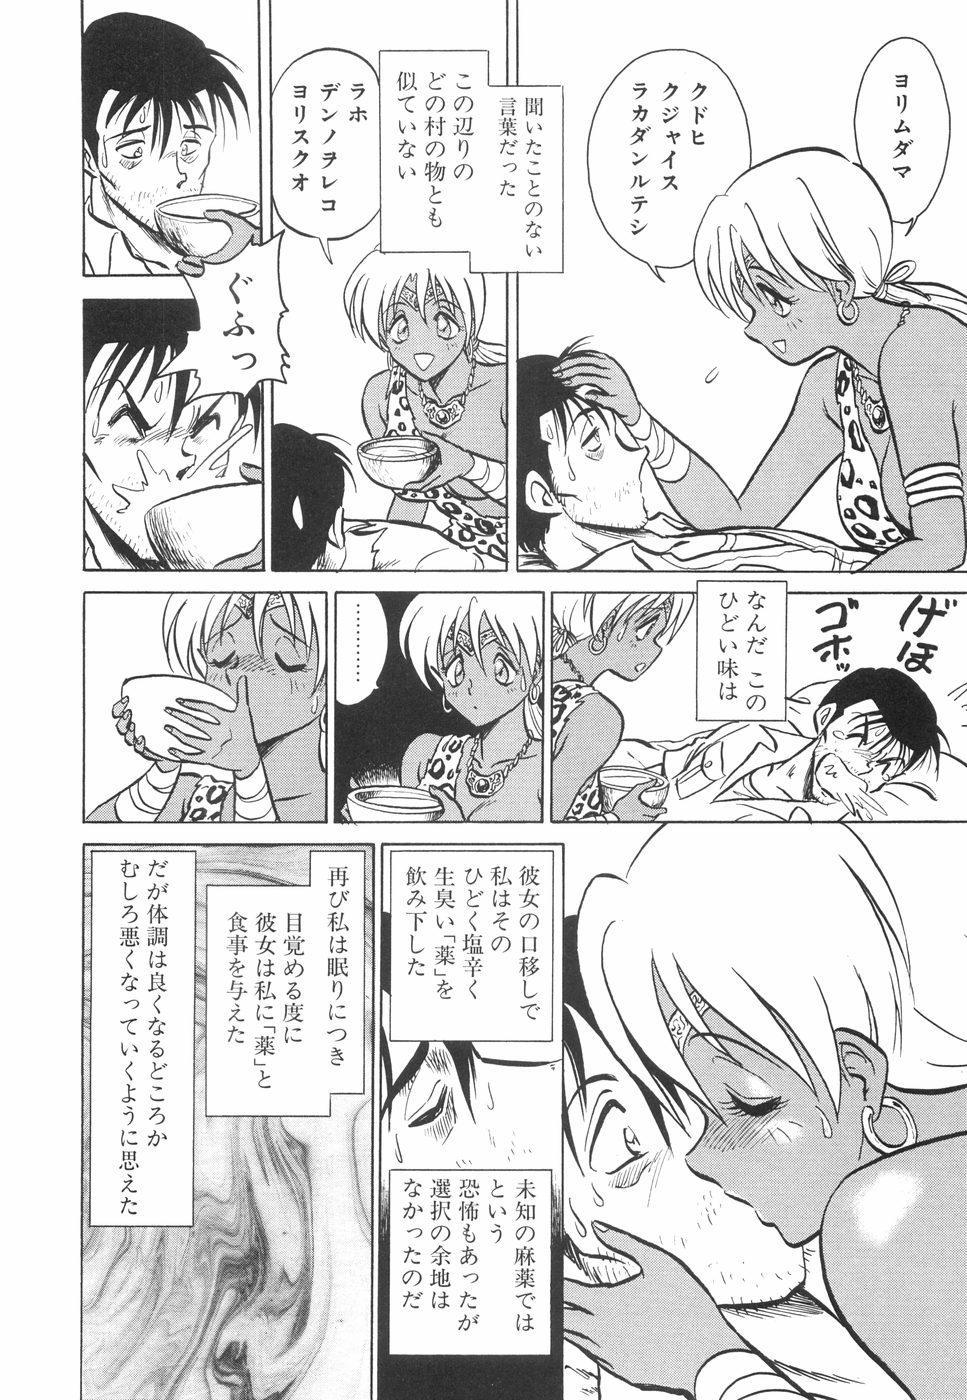 Hazukashime no Jikan 140